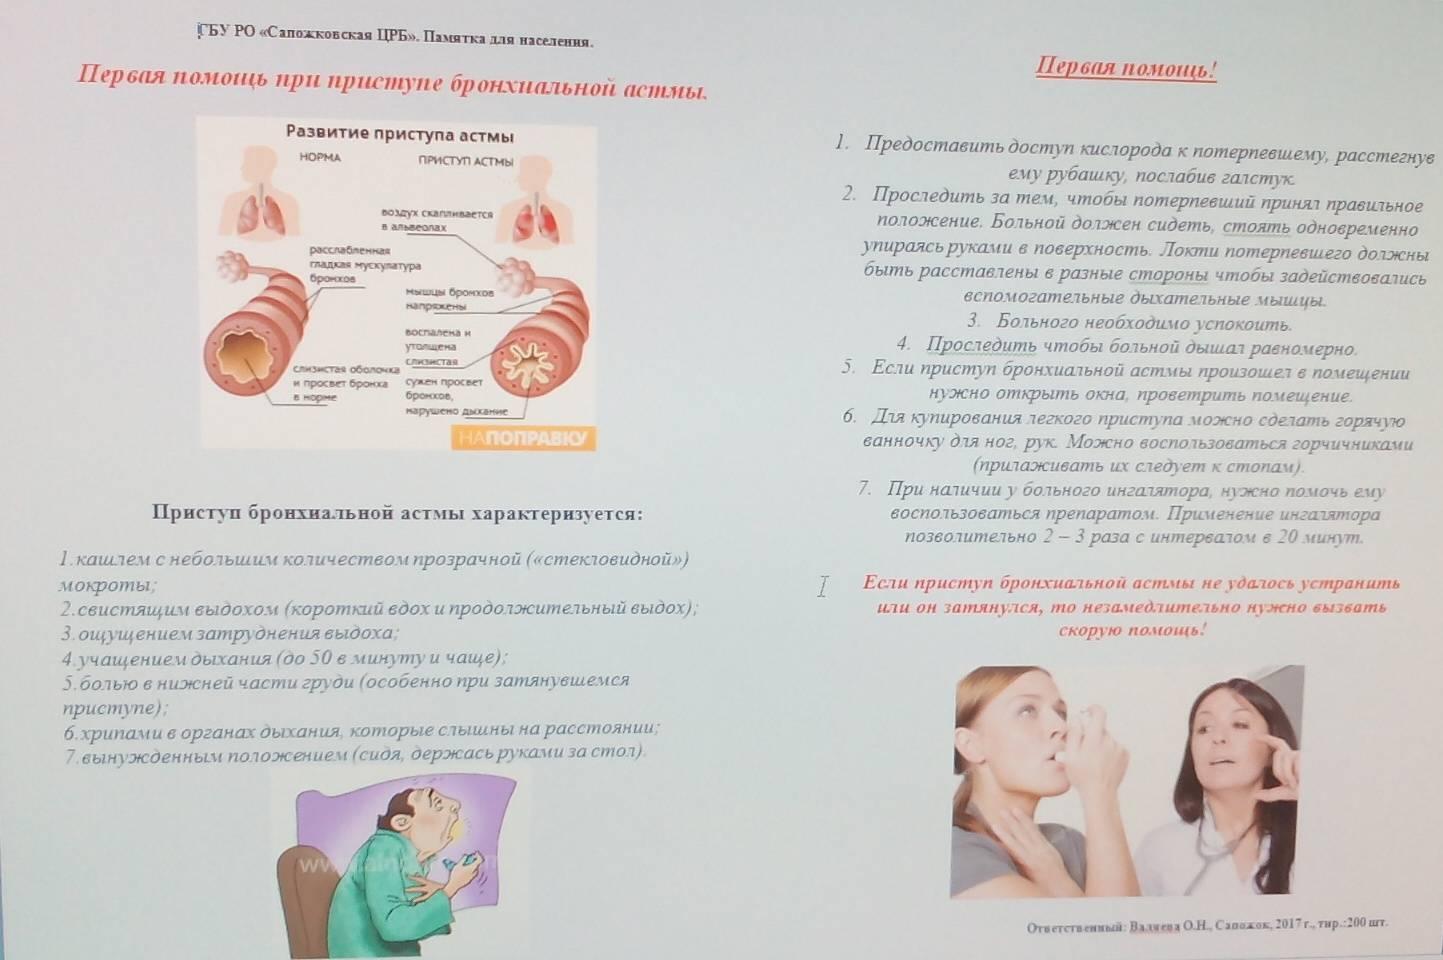 Бронхиальная астма: симптомы и лечение – напоправку